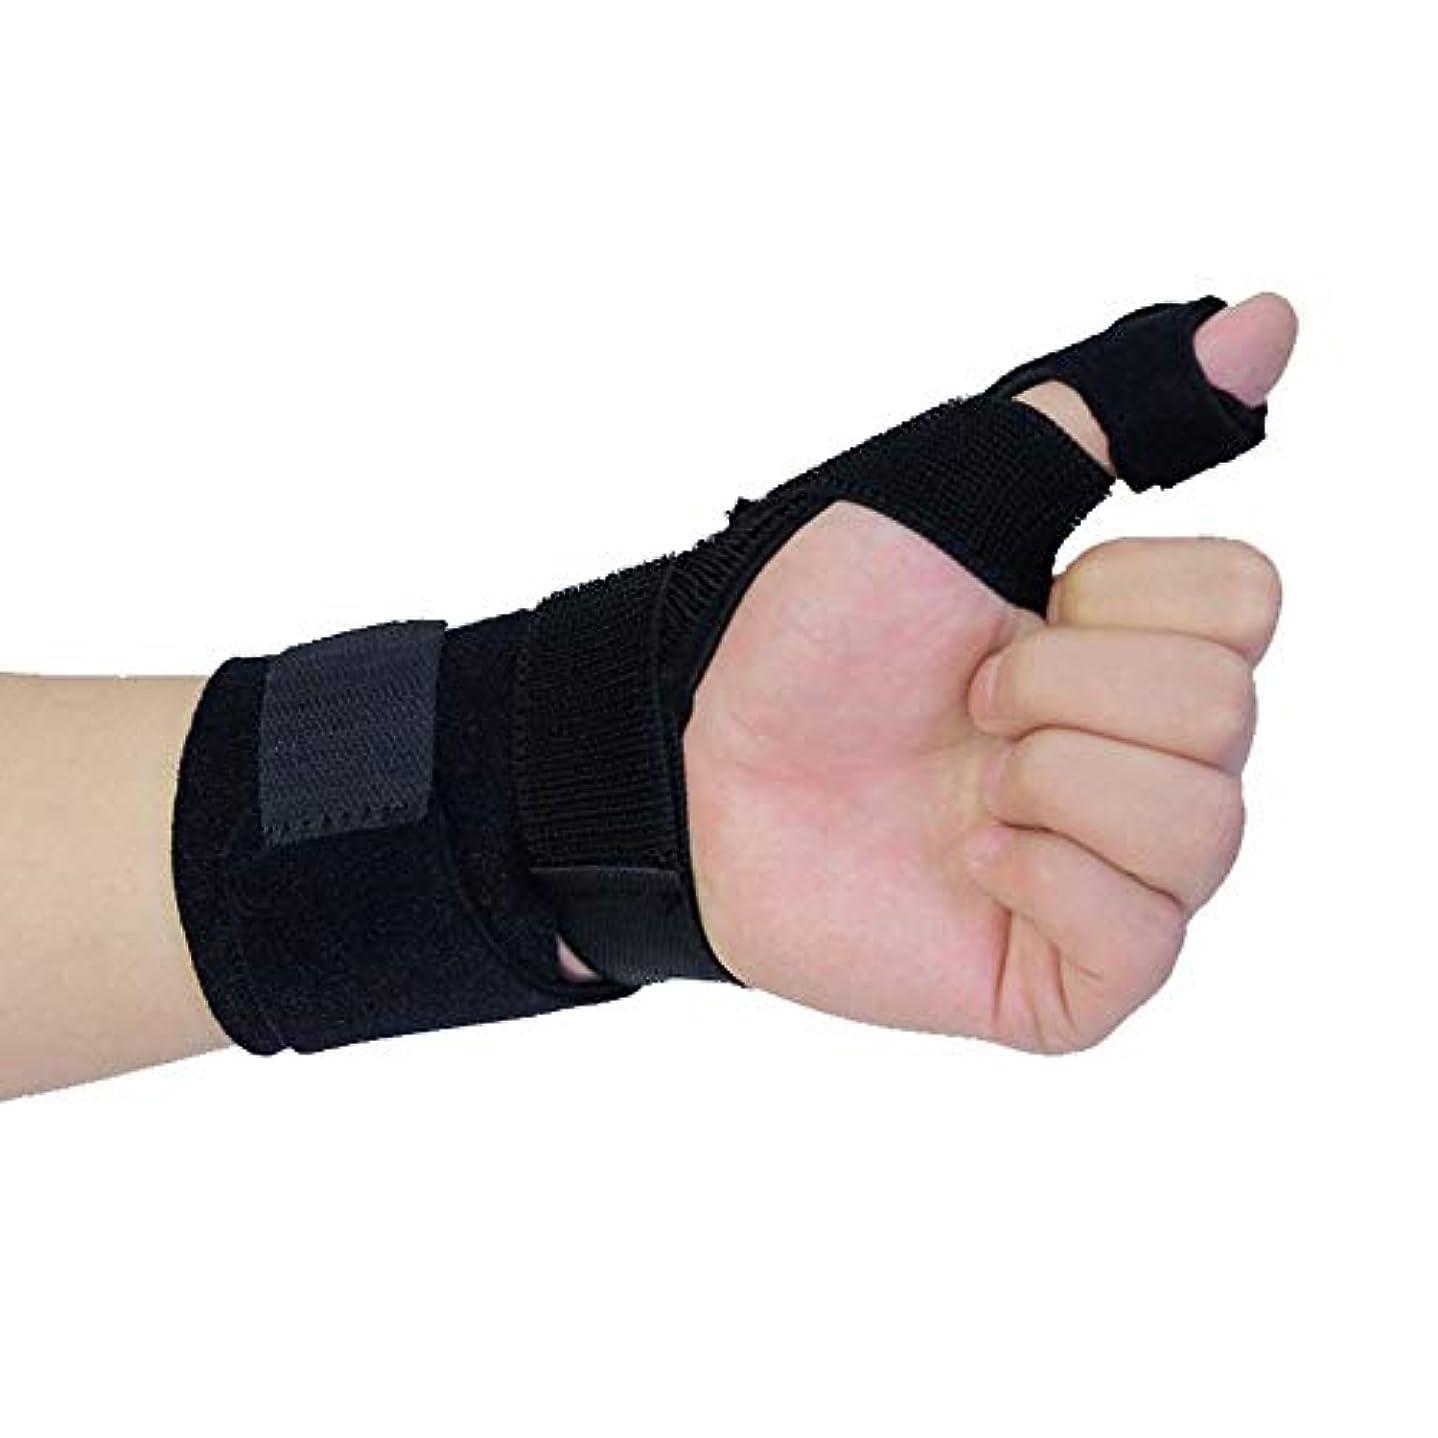 一般化する一次句関節炎、腱炎、手根管の痛みの軽減、軽量で 調節可能なサイズに適した調節可能な親指装具プロテクター